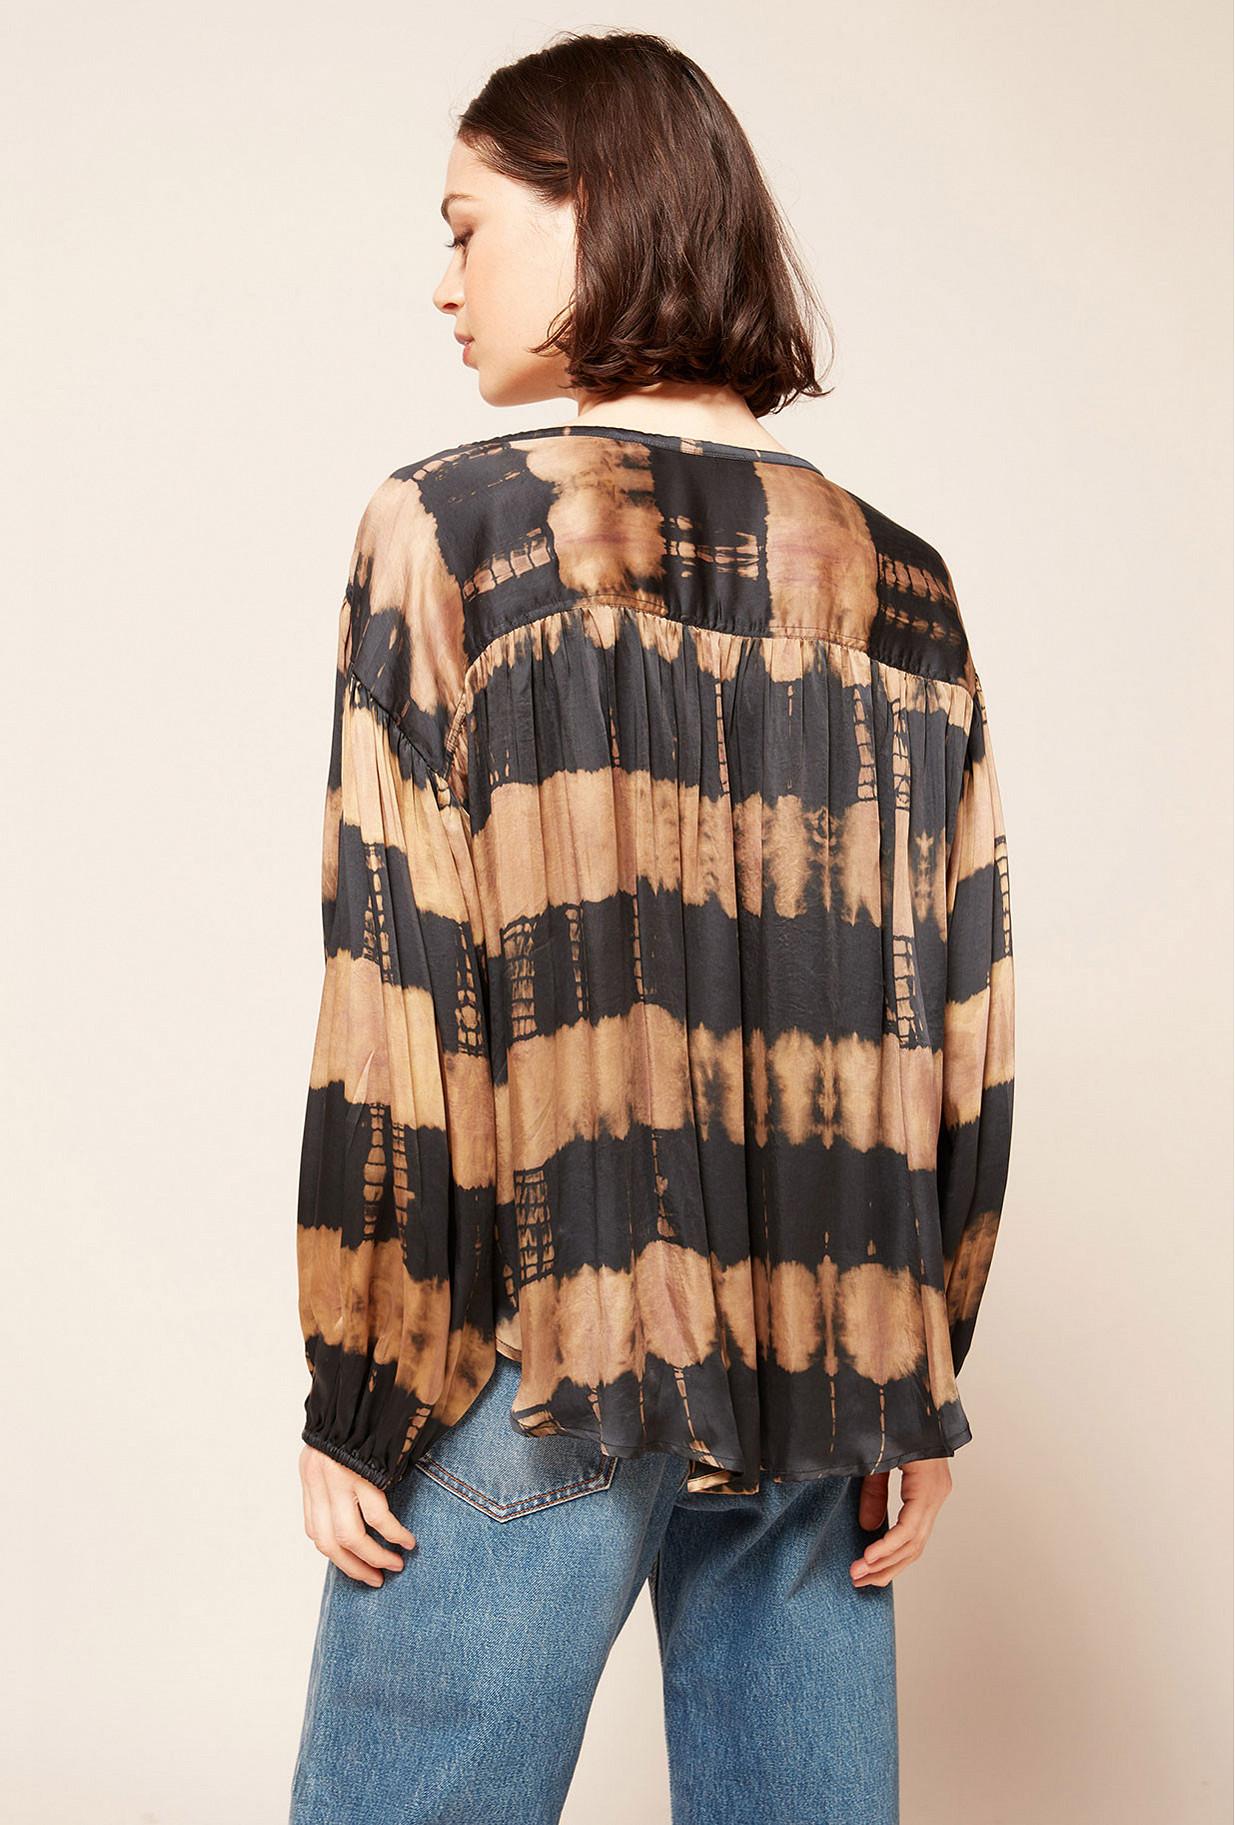 Brown print  Blouse  Danoise Mes demoiselles fashion clothes designer Paris